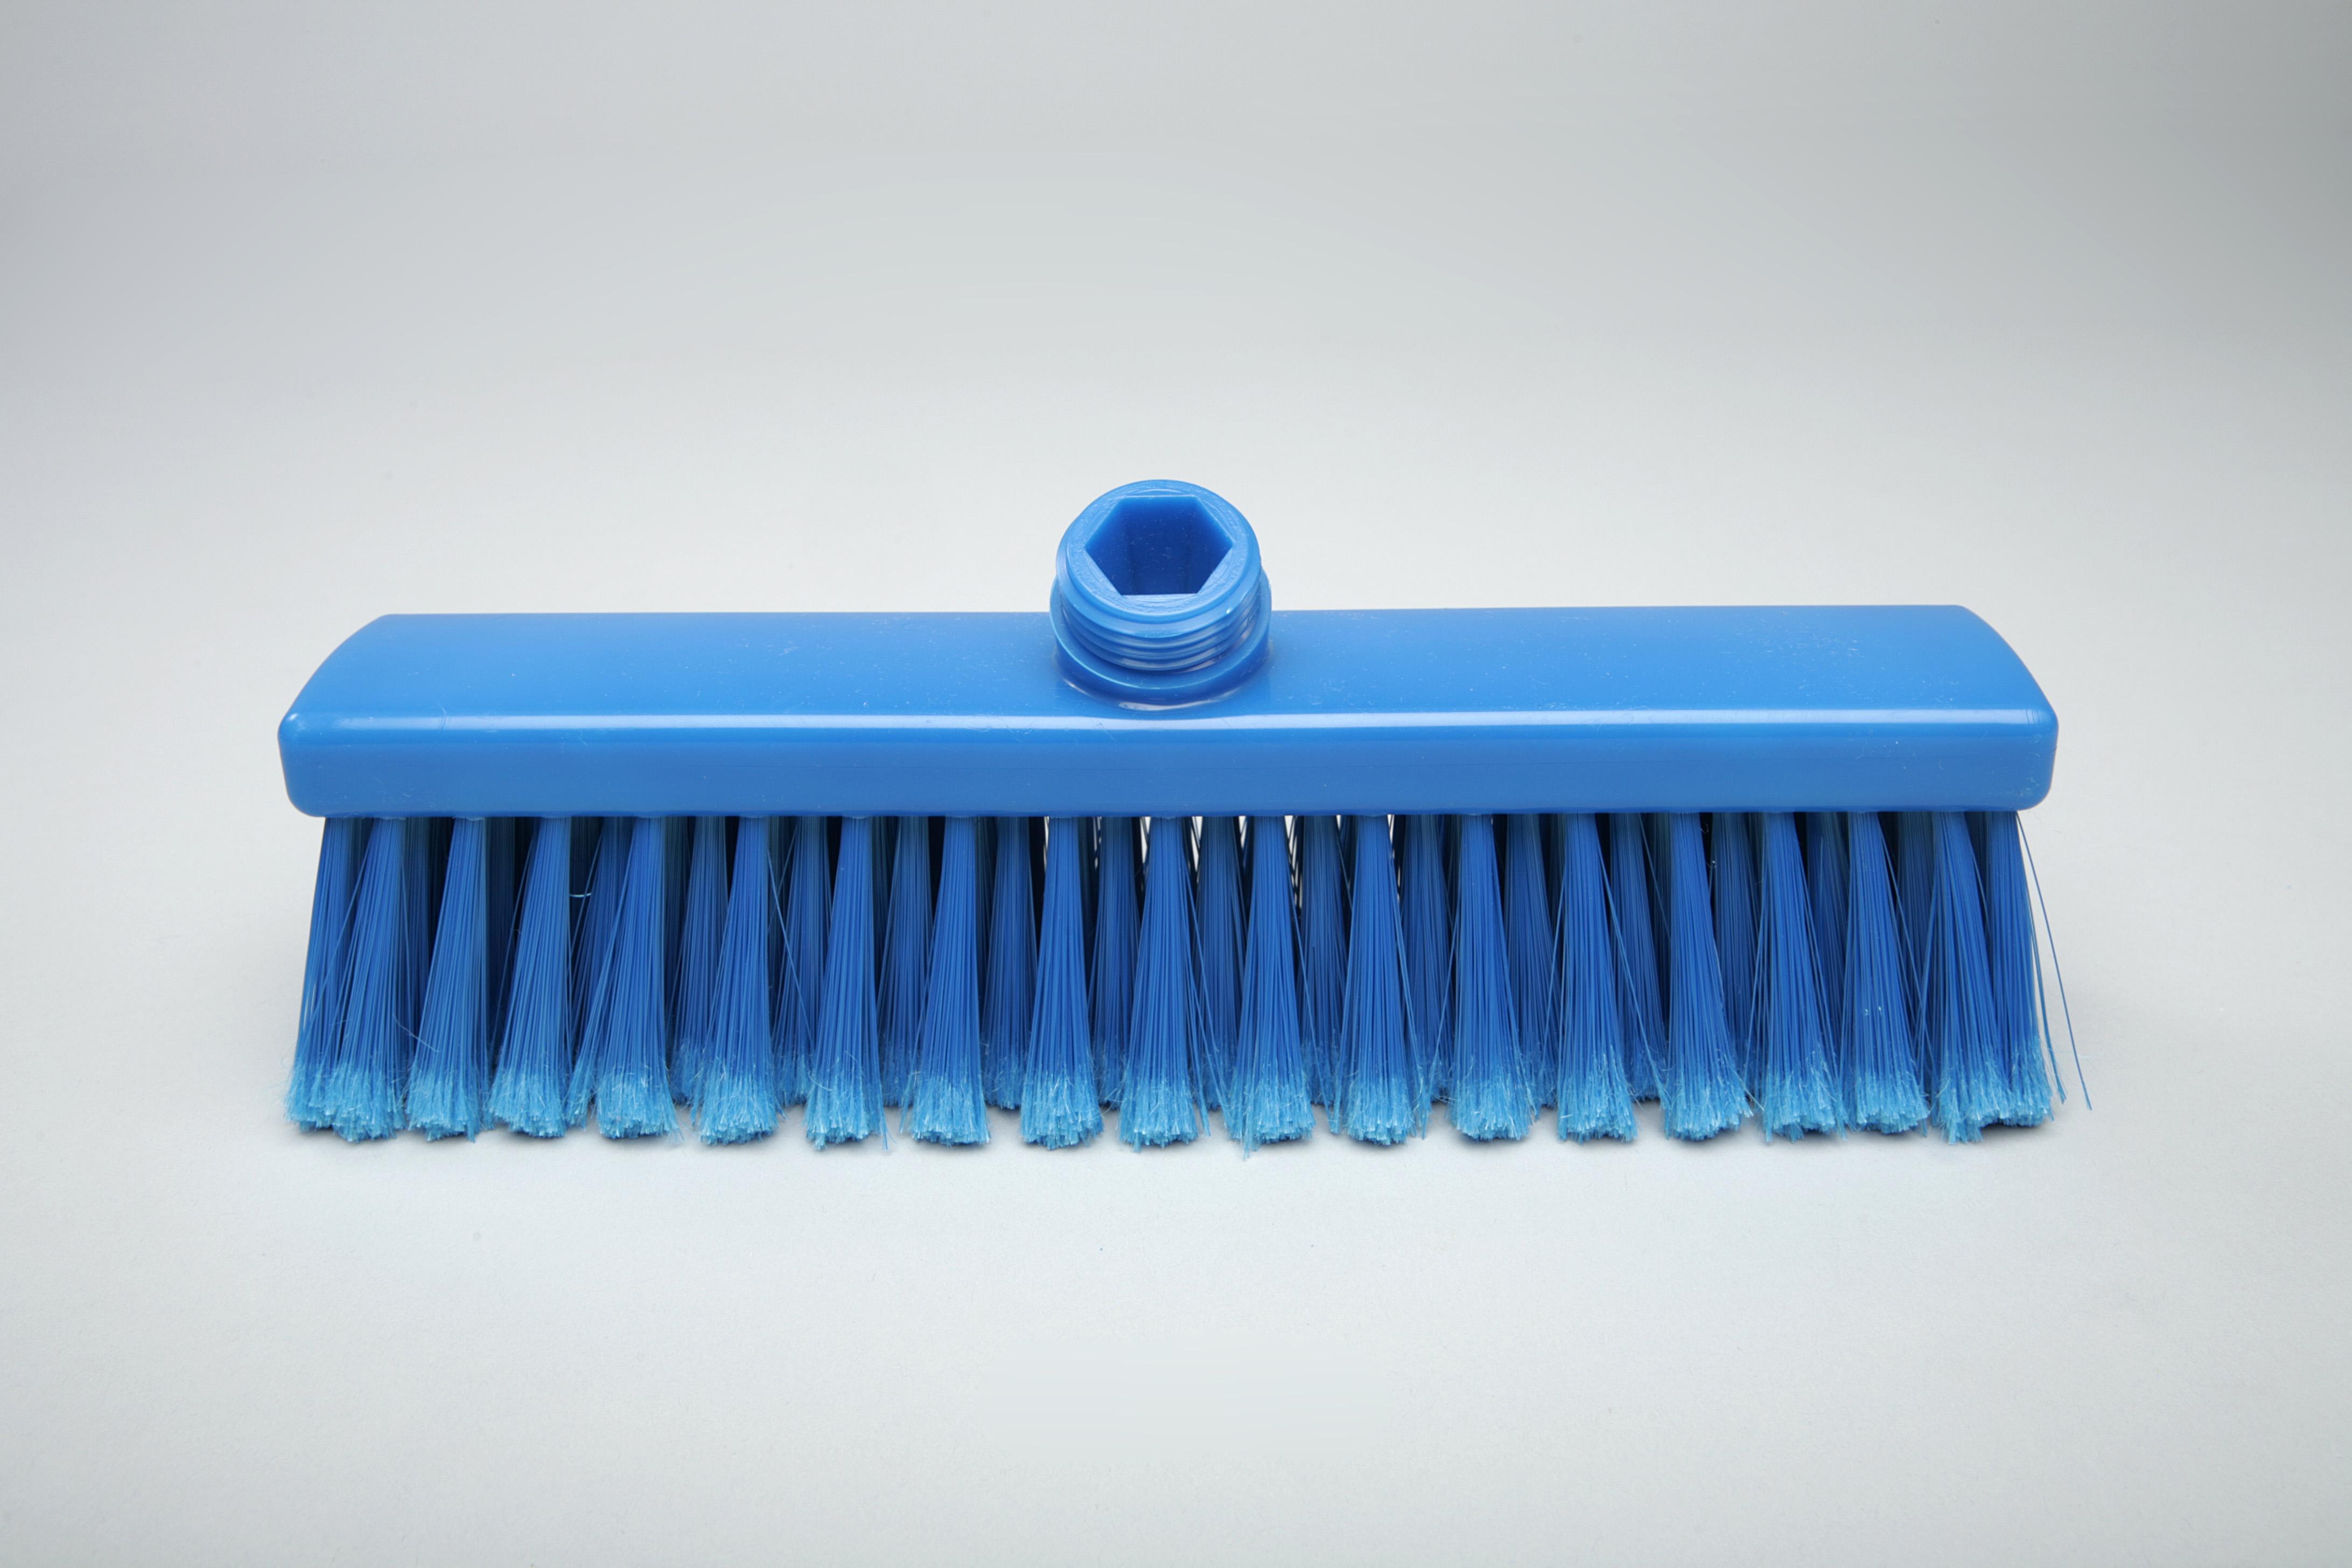 Unimop pühkimishari 280 x 50 x 55 mm, pehme, sinine, kastis 6 tk